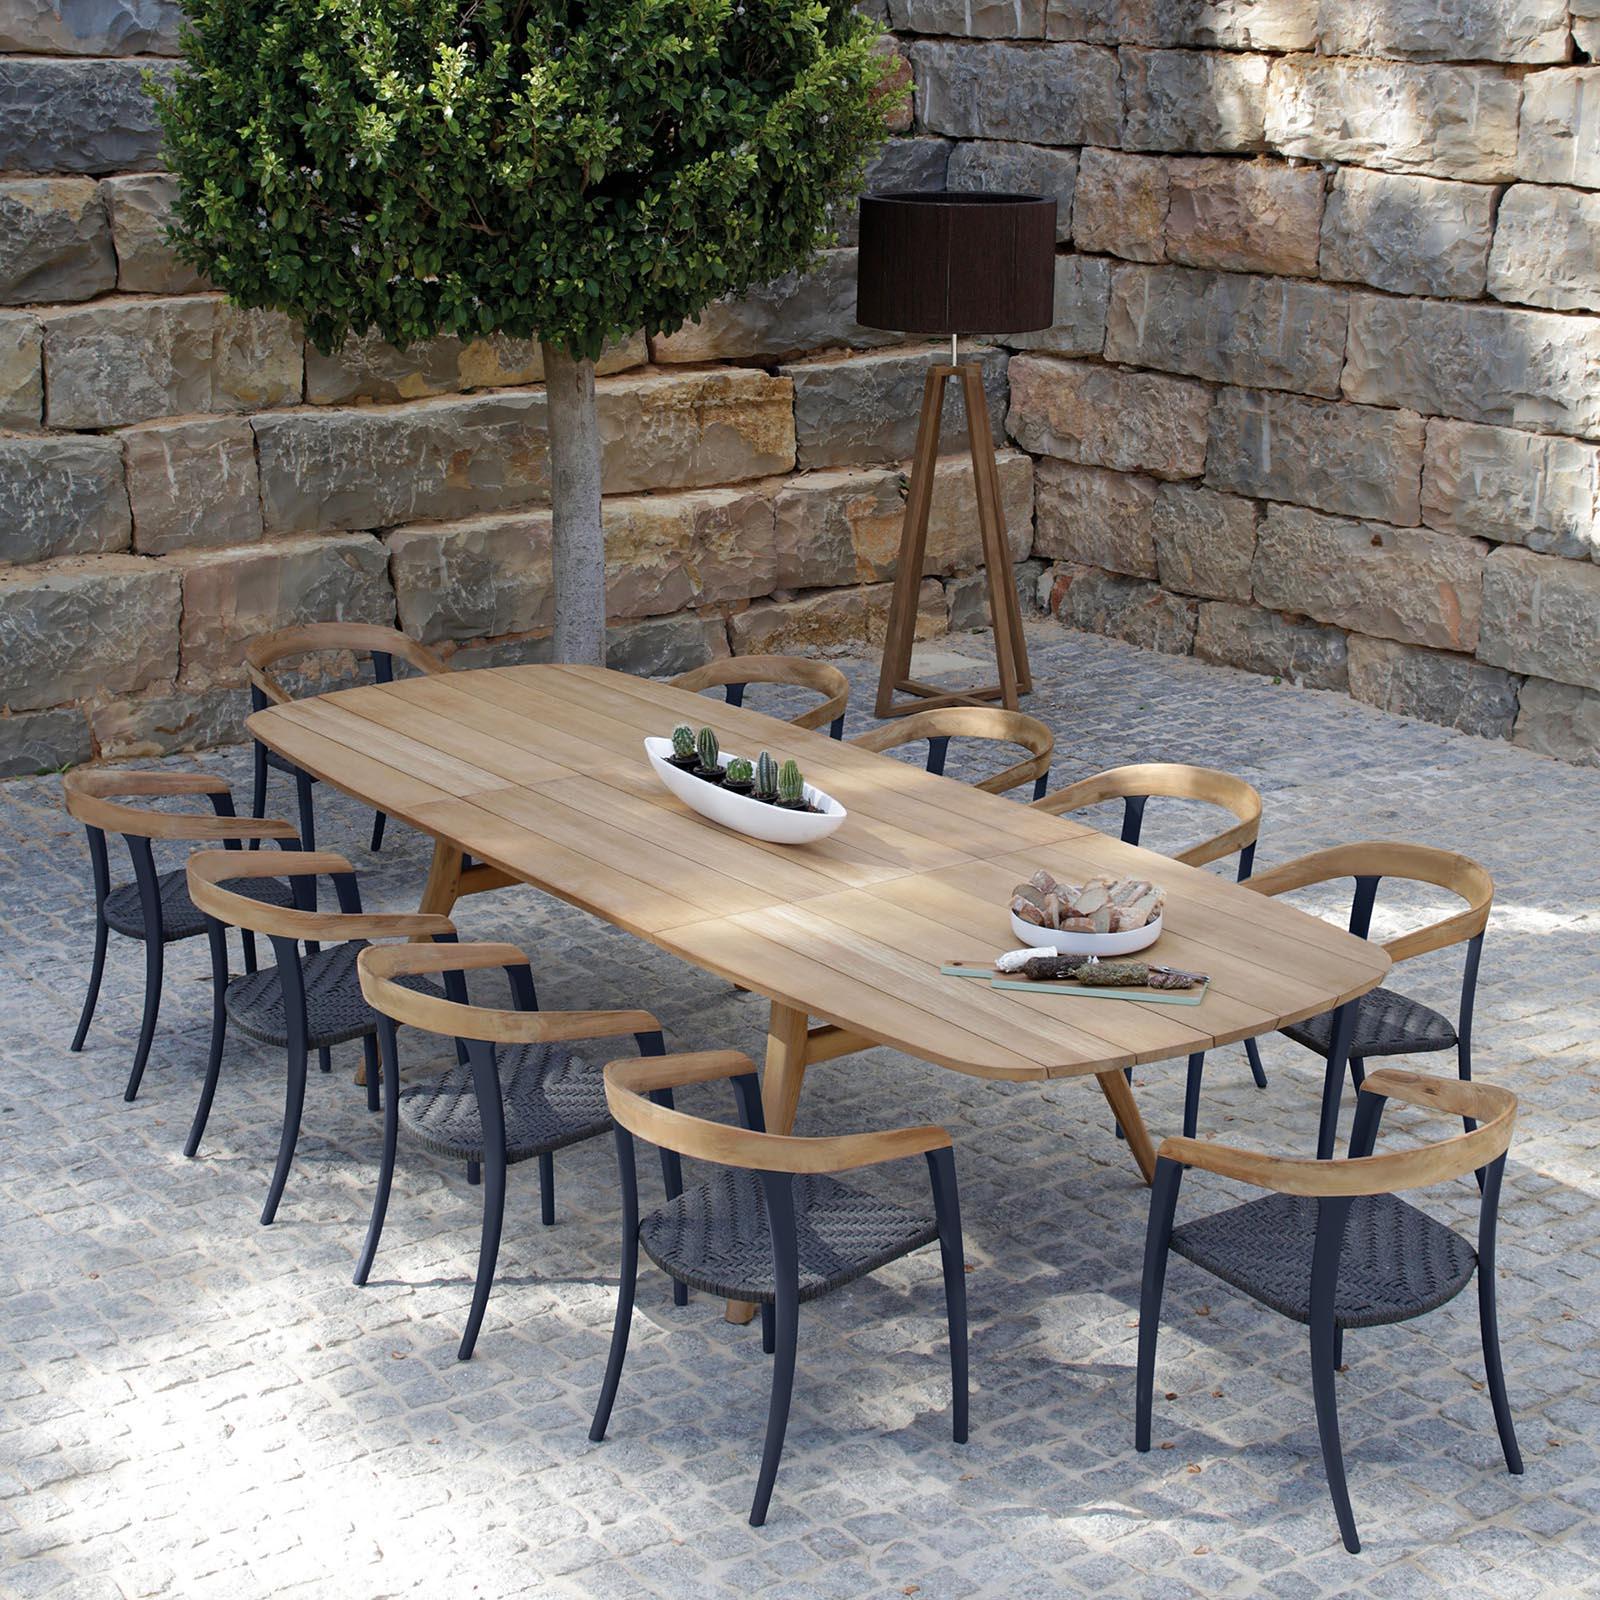 mesa larga de madera con sillas